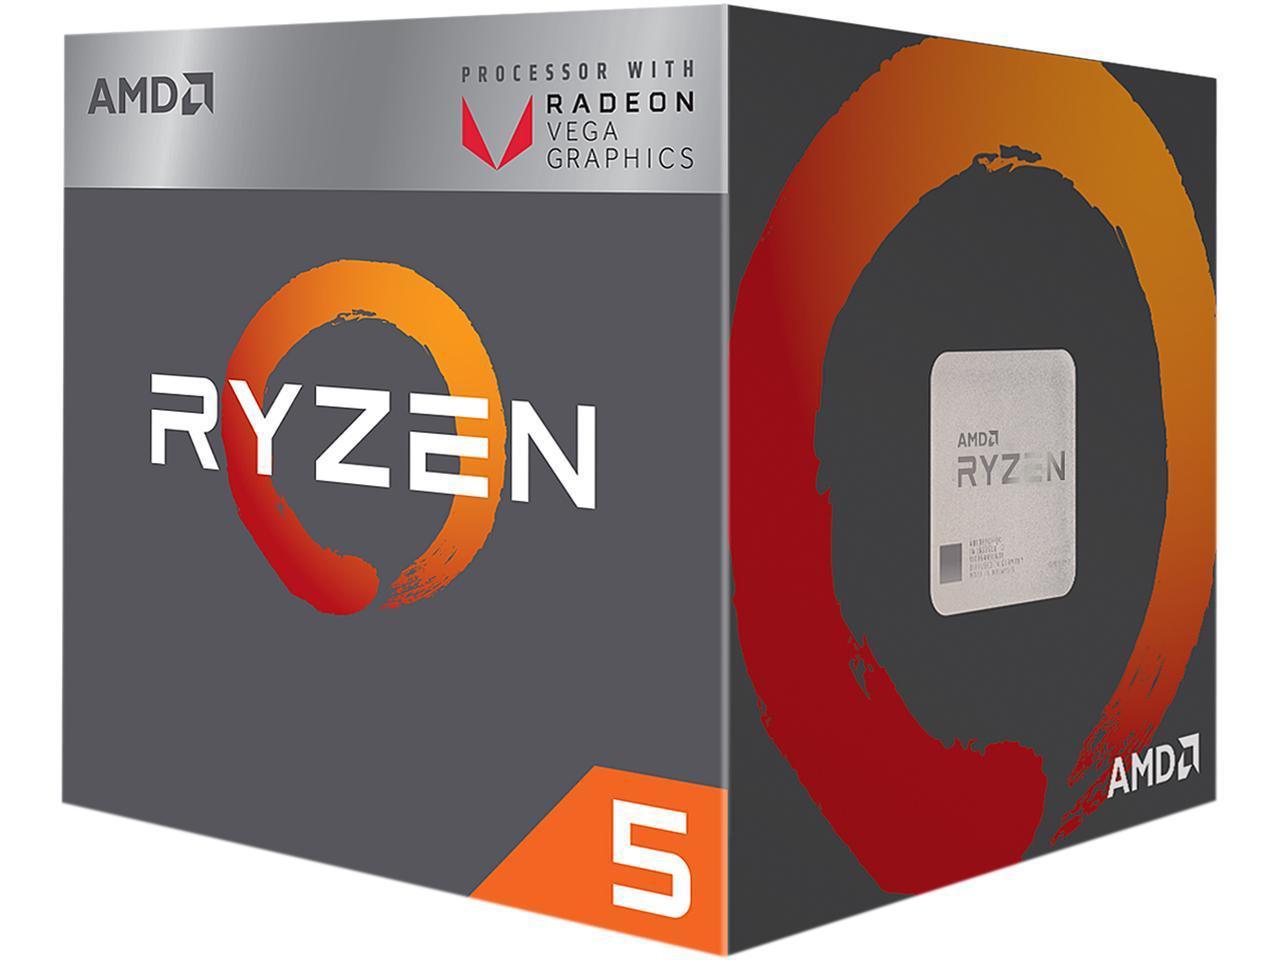 AMD RYZEN 5 2400G Quad-Core 3.6 GHz (3.9 GHz Turbo)